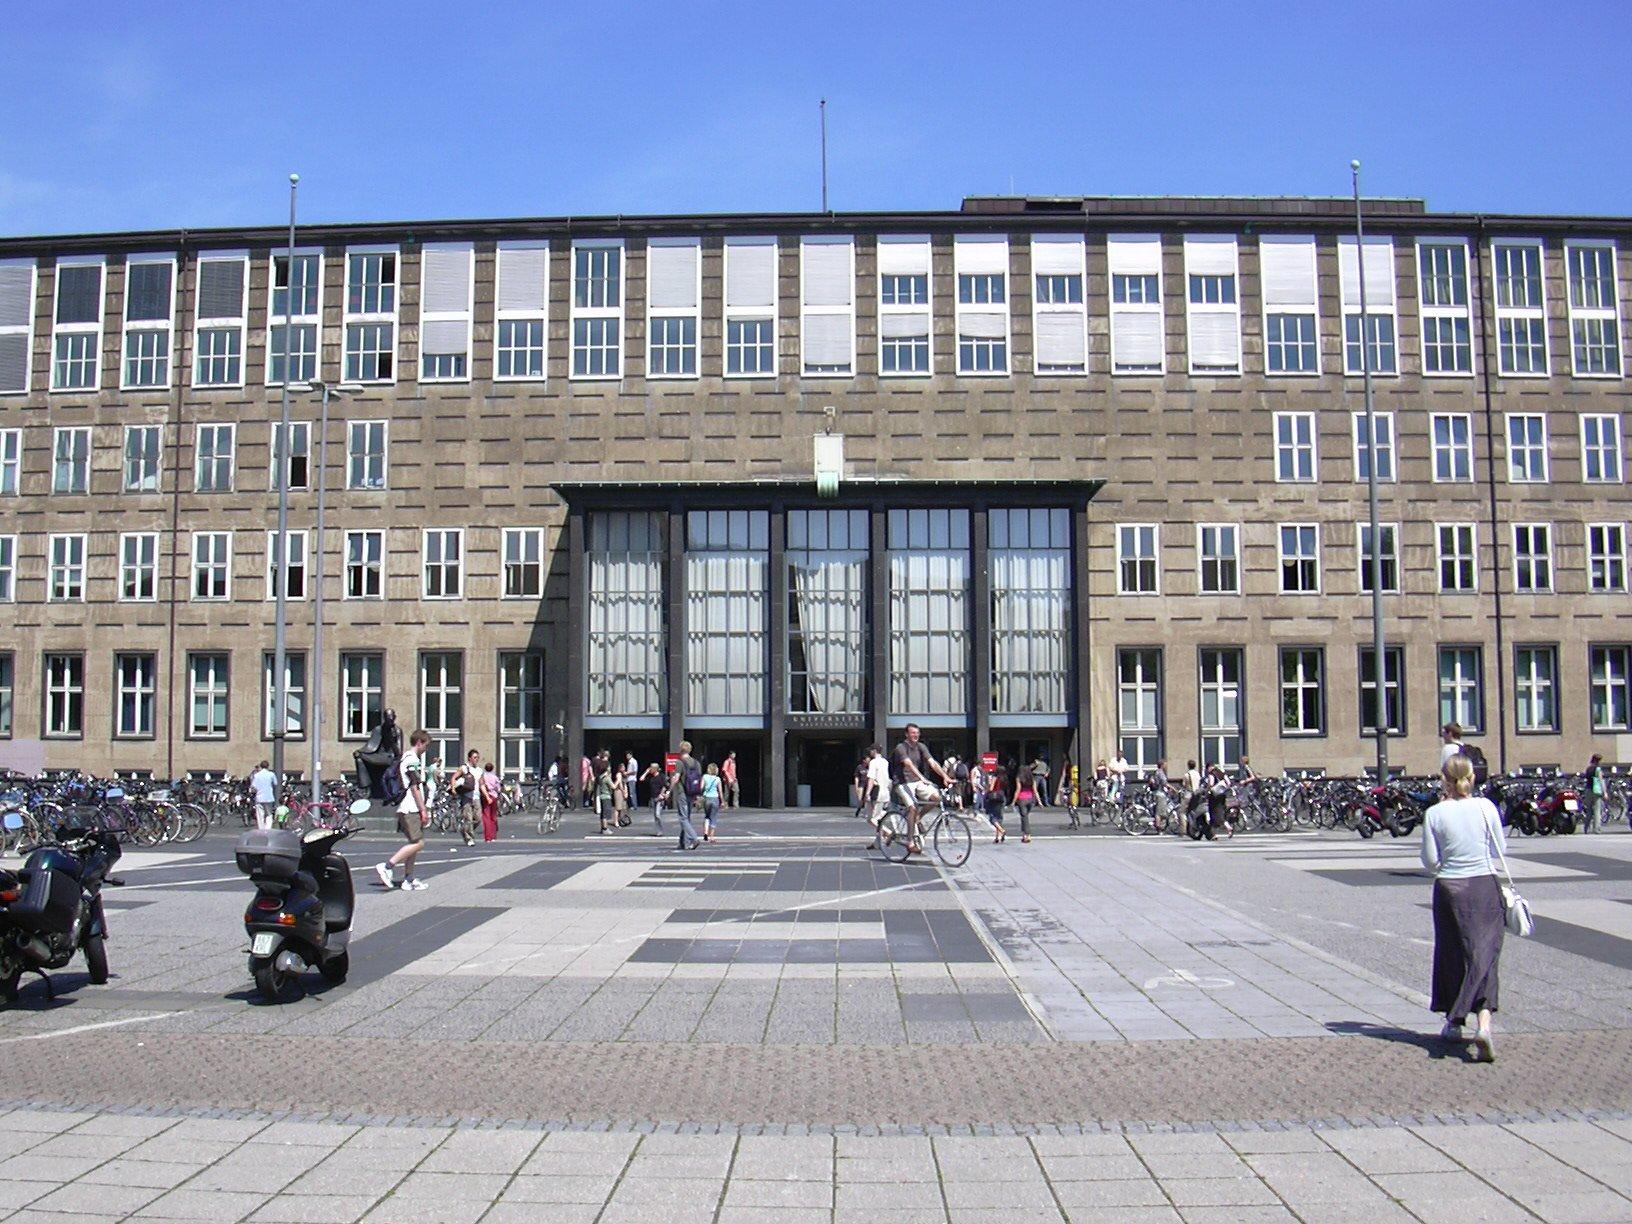 đại Học Tổng Hợp Köln